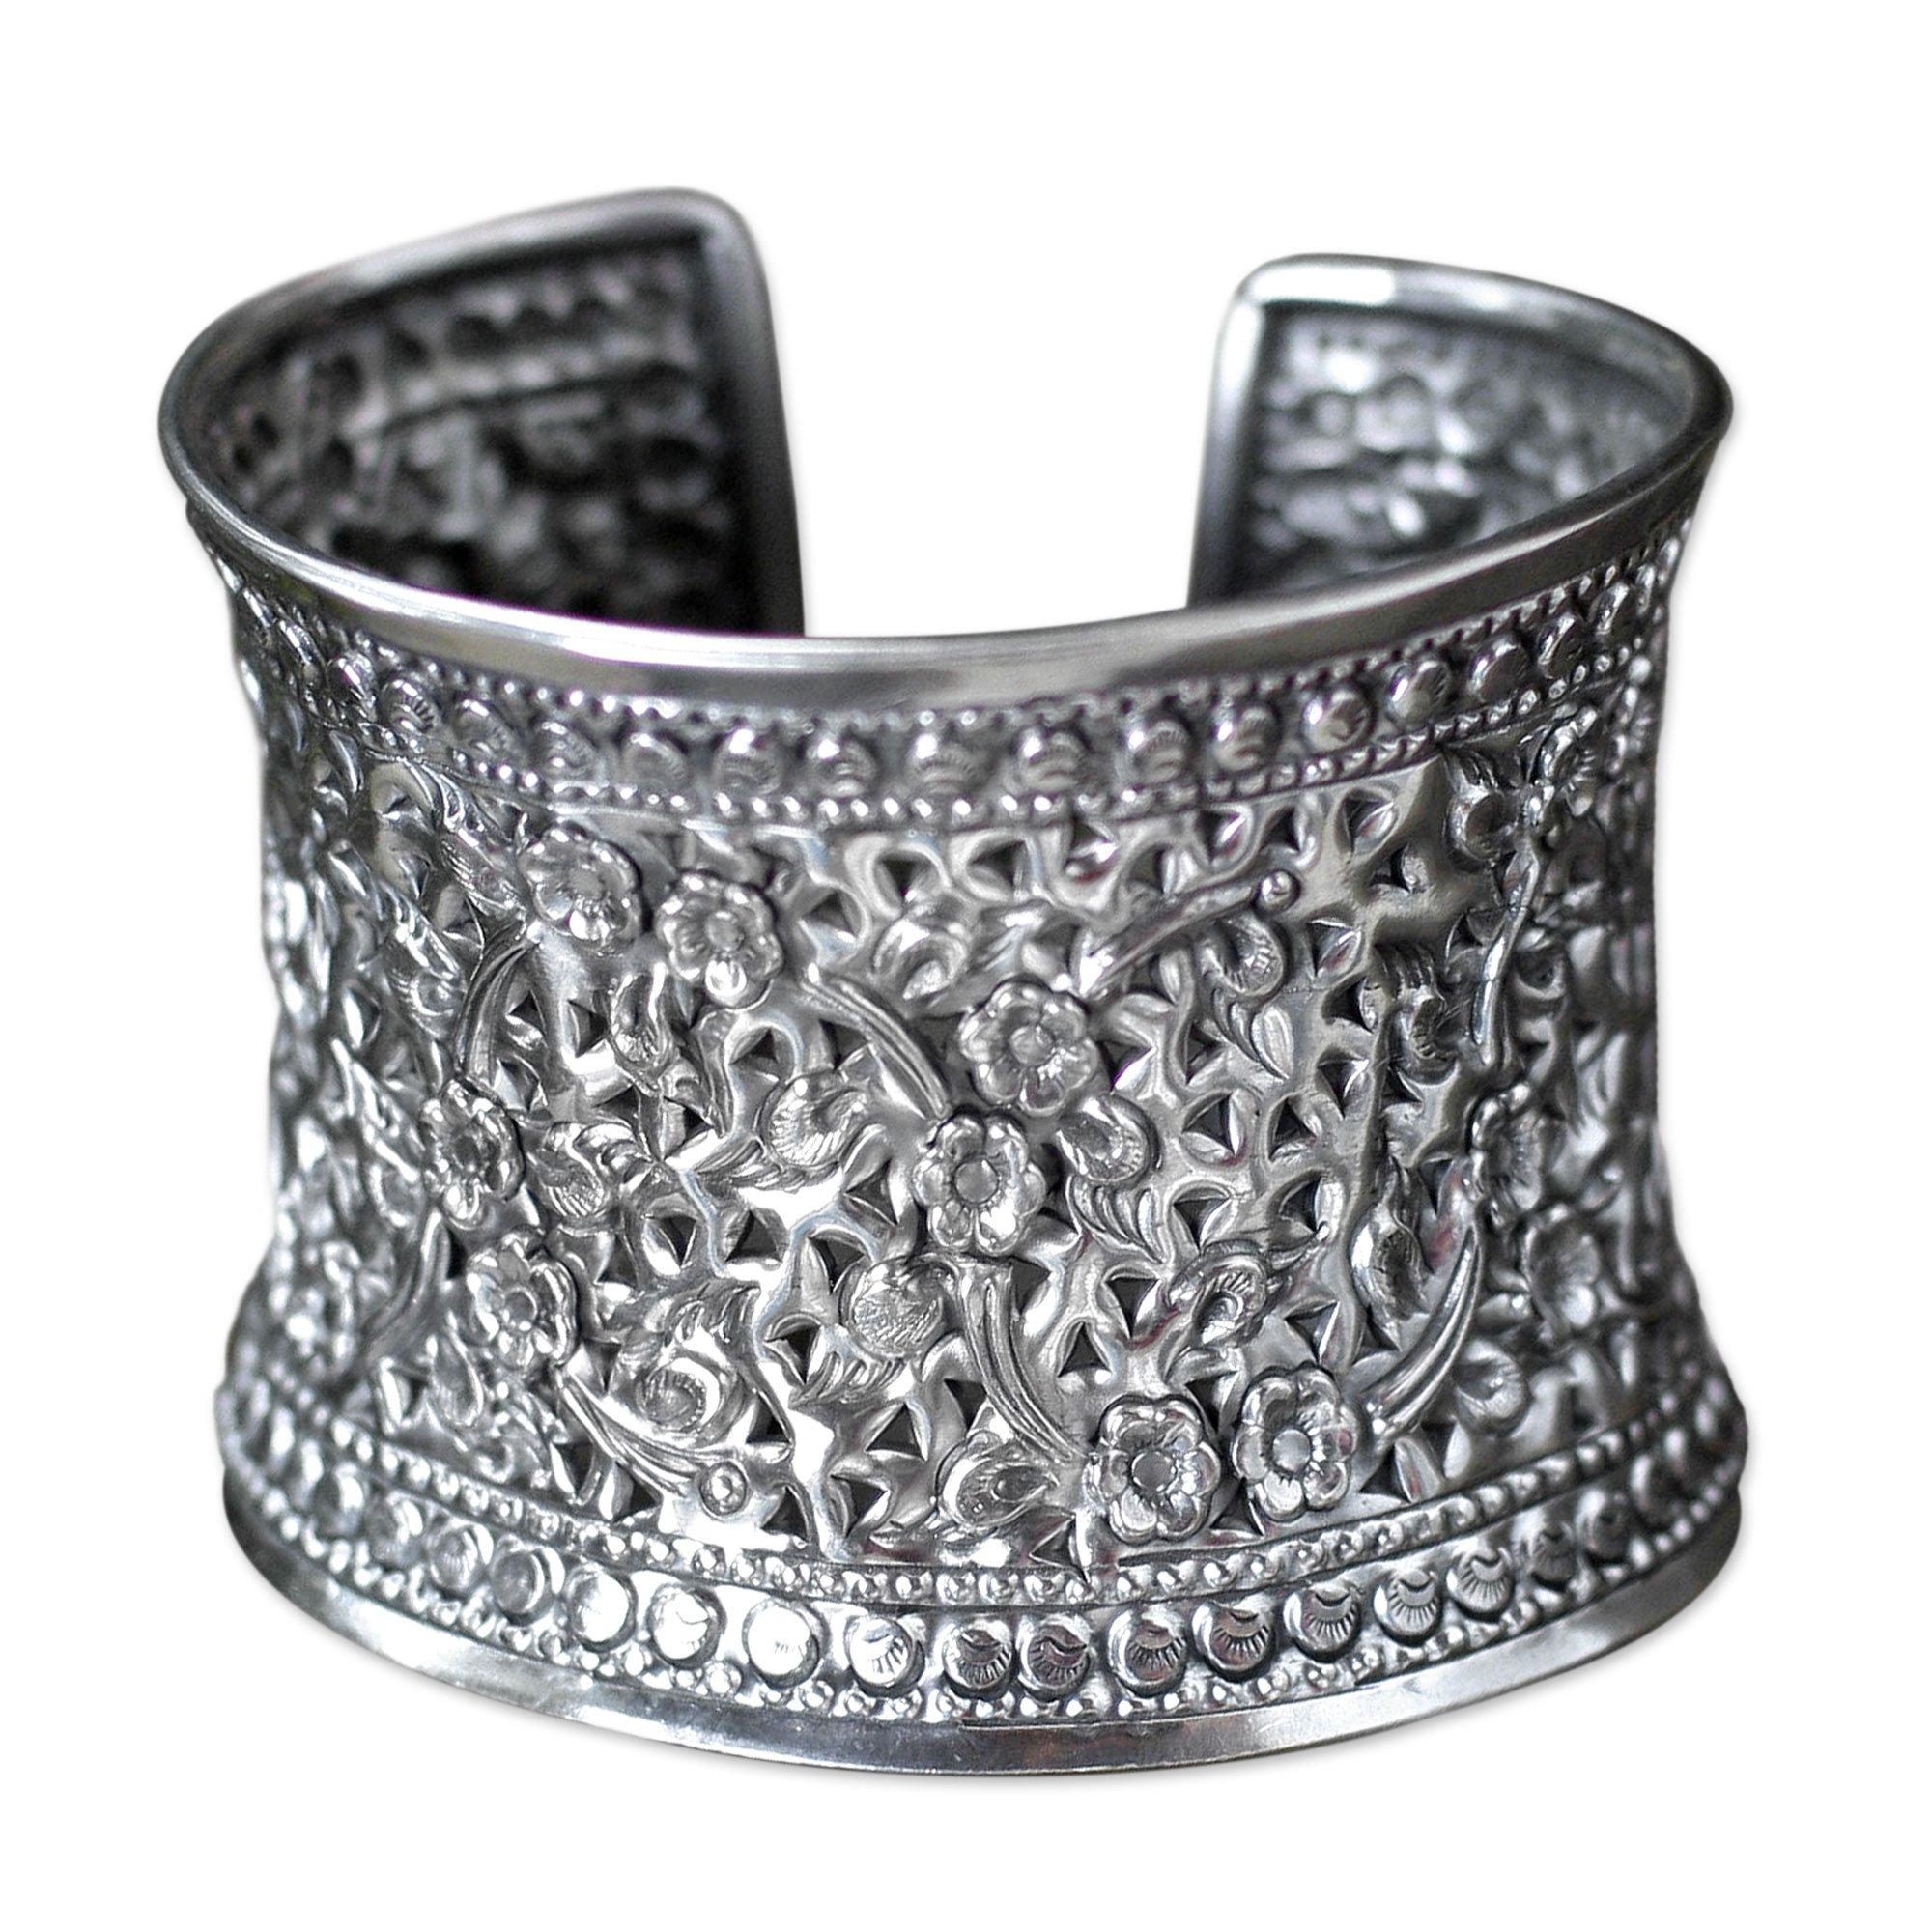 NOVICA .925 Sterling Silver Cuff Bracelet, 7.0'', 'Floral Sparkle'